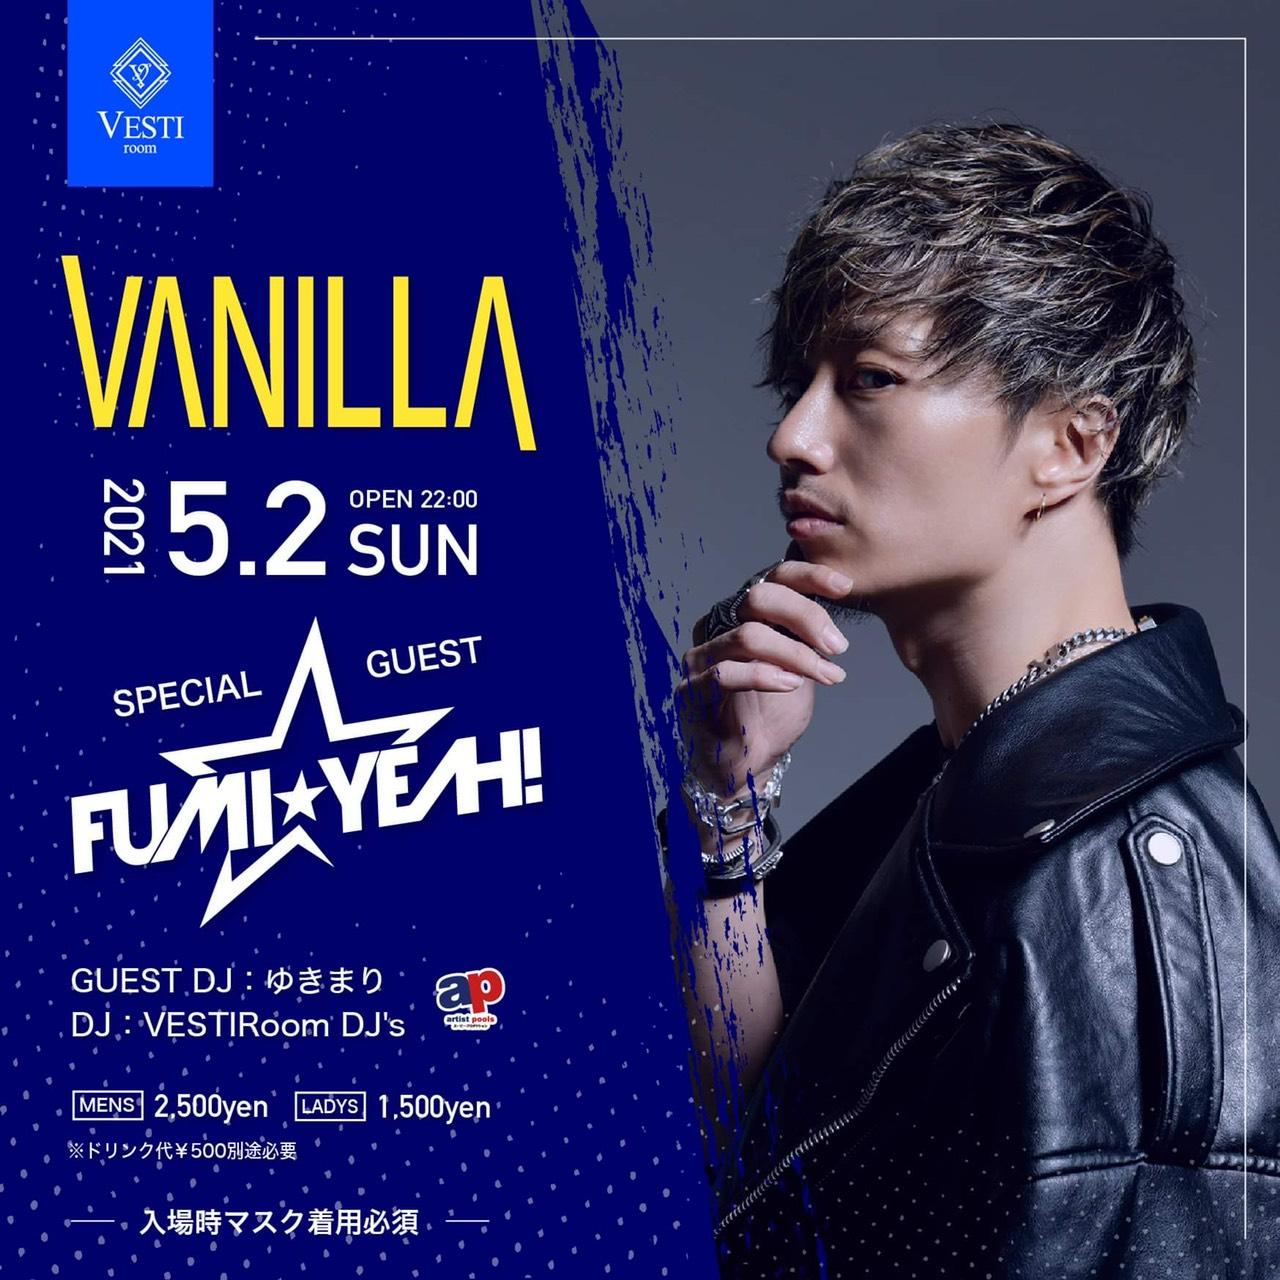 [ 時短営業のため臨時休業させていただきます ] VANILLA ~Specila Guest : DJ FUMI YEAH!~